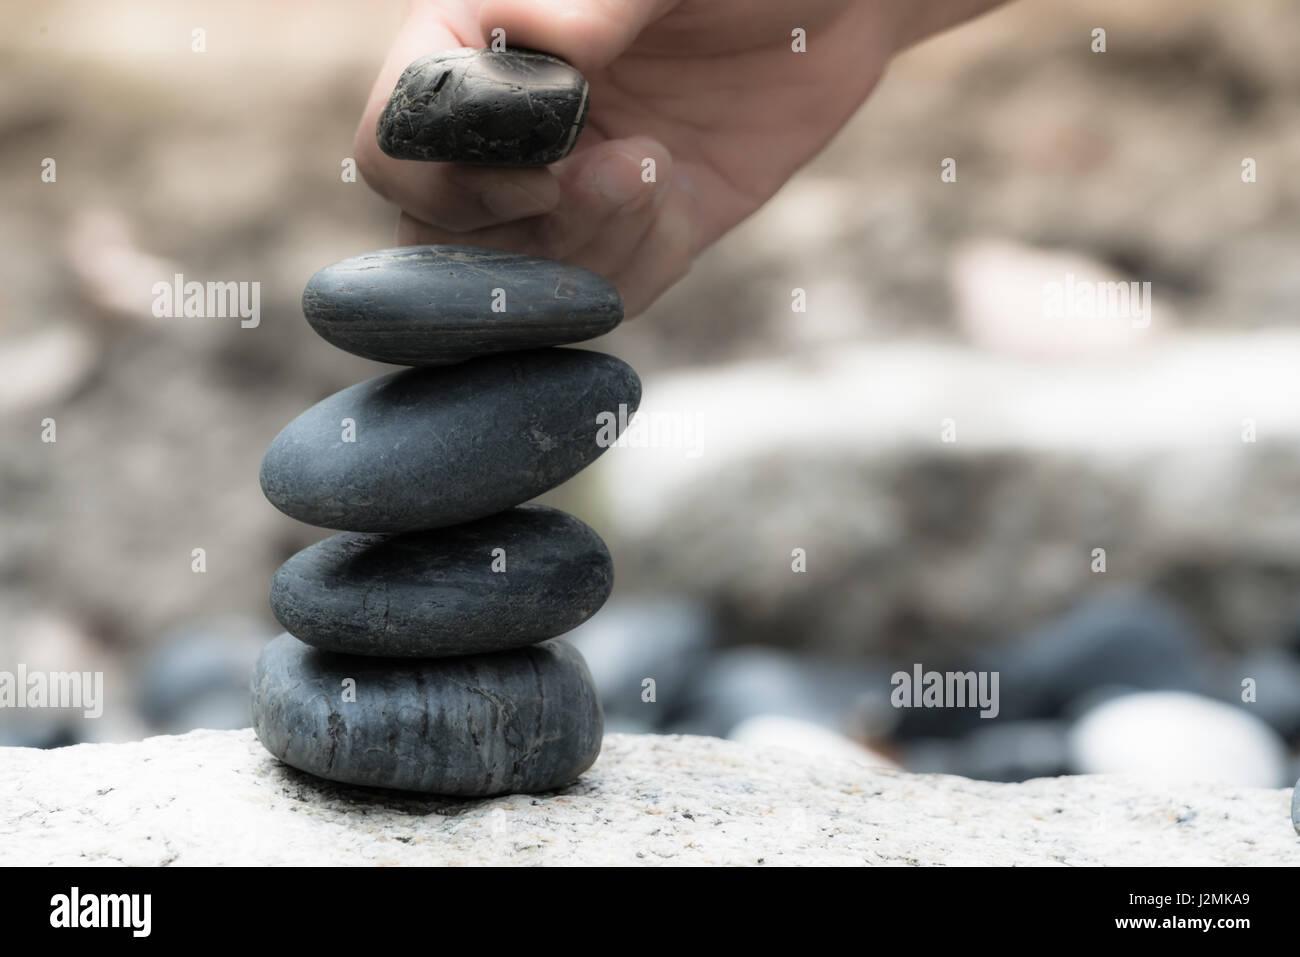 Tous les candidats ont un bon soutien, zen stone, de l'équilibre, de roche, de concept pacifique Photo Stock